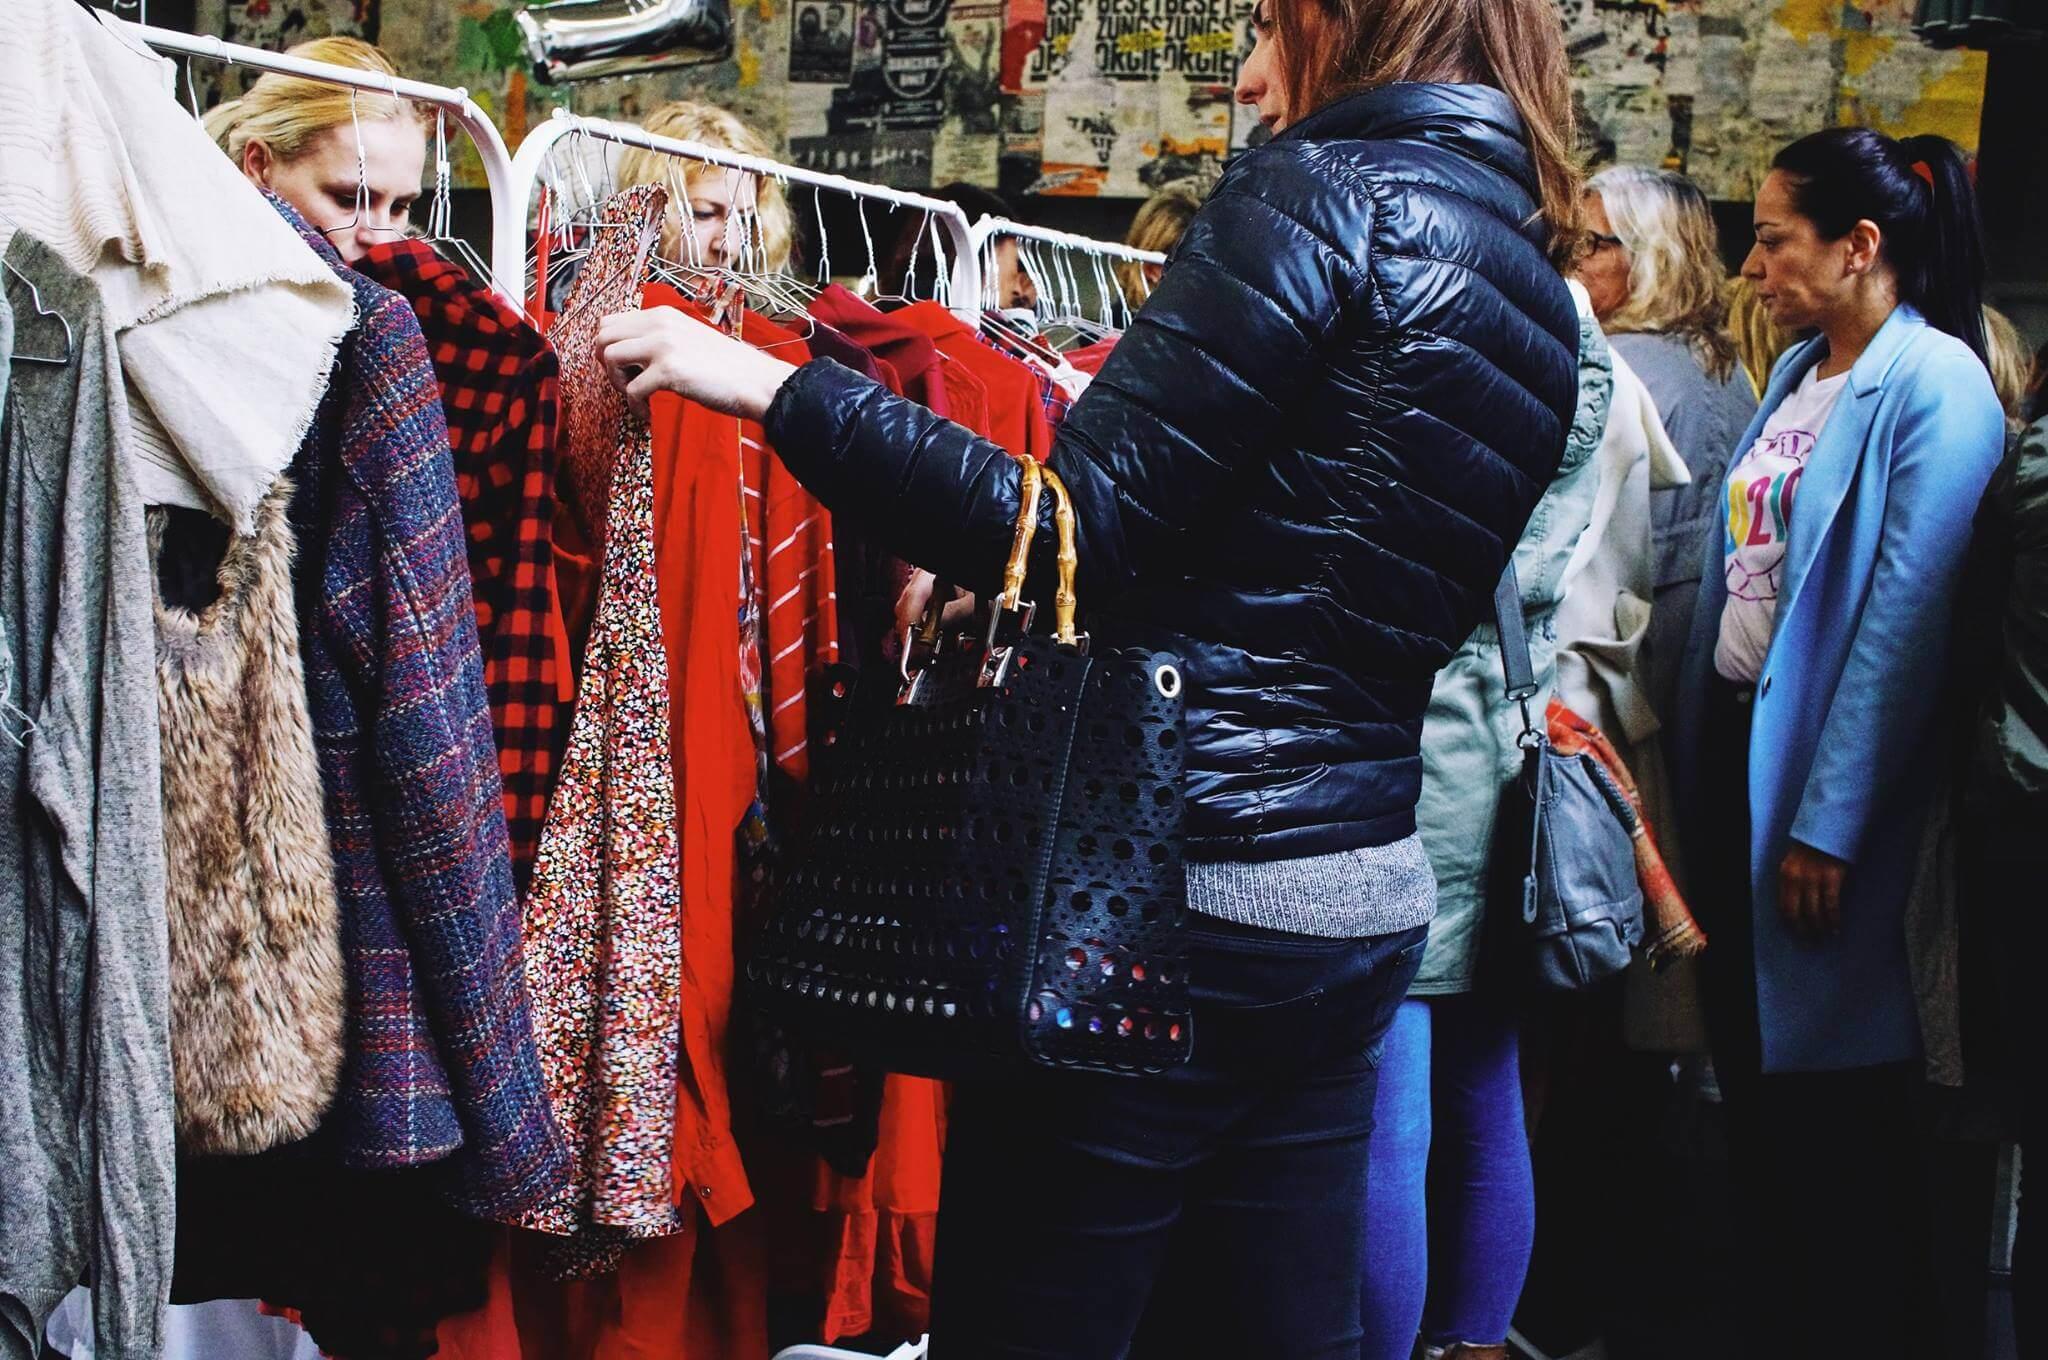 Ladies aufgepasst! Der Love Garments Market hält Kleidung ...